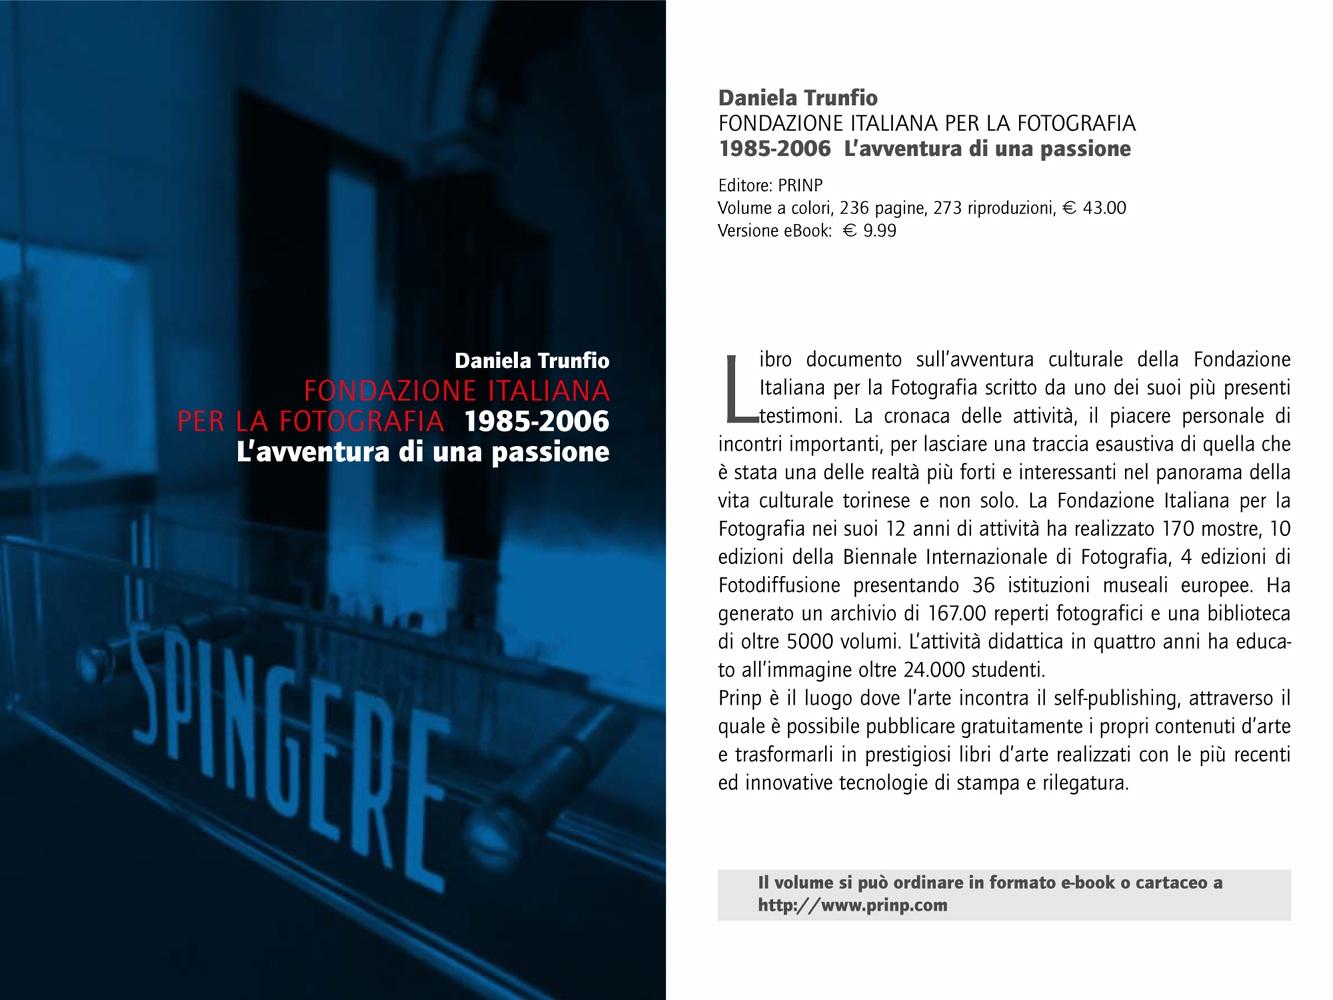 Copertina Fondazione Italiana per la Fotografia - 1985-2006 - L'avventura di una passione